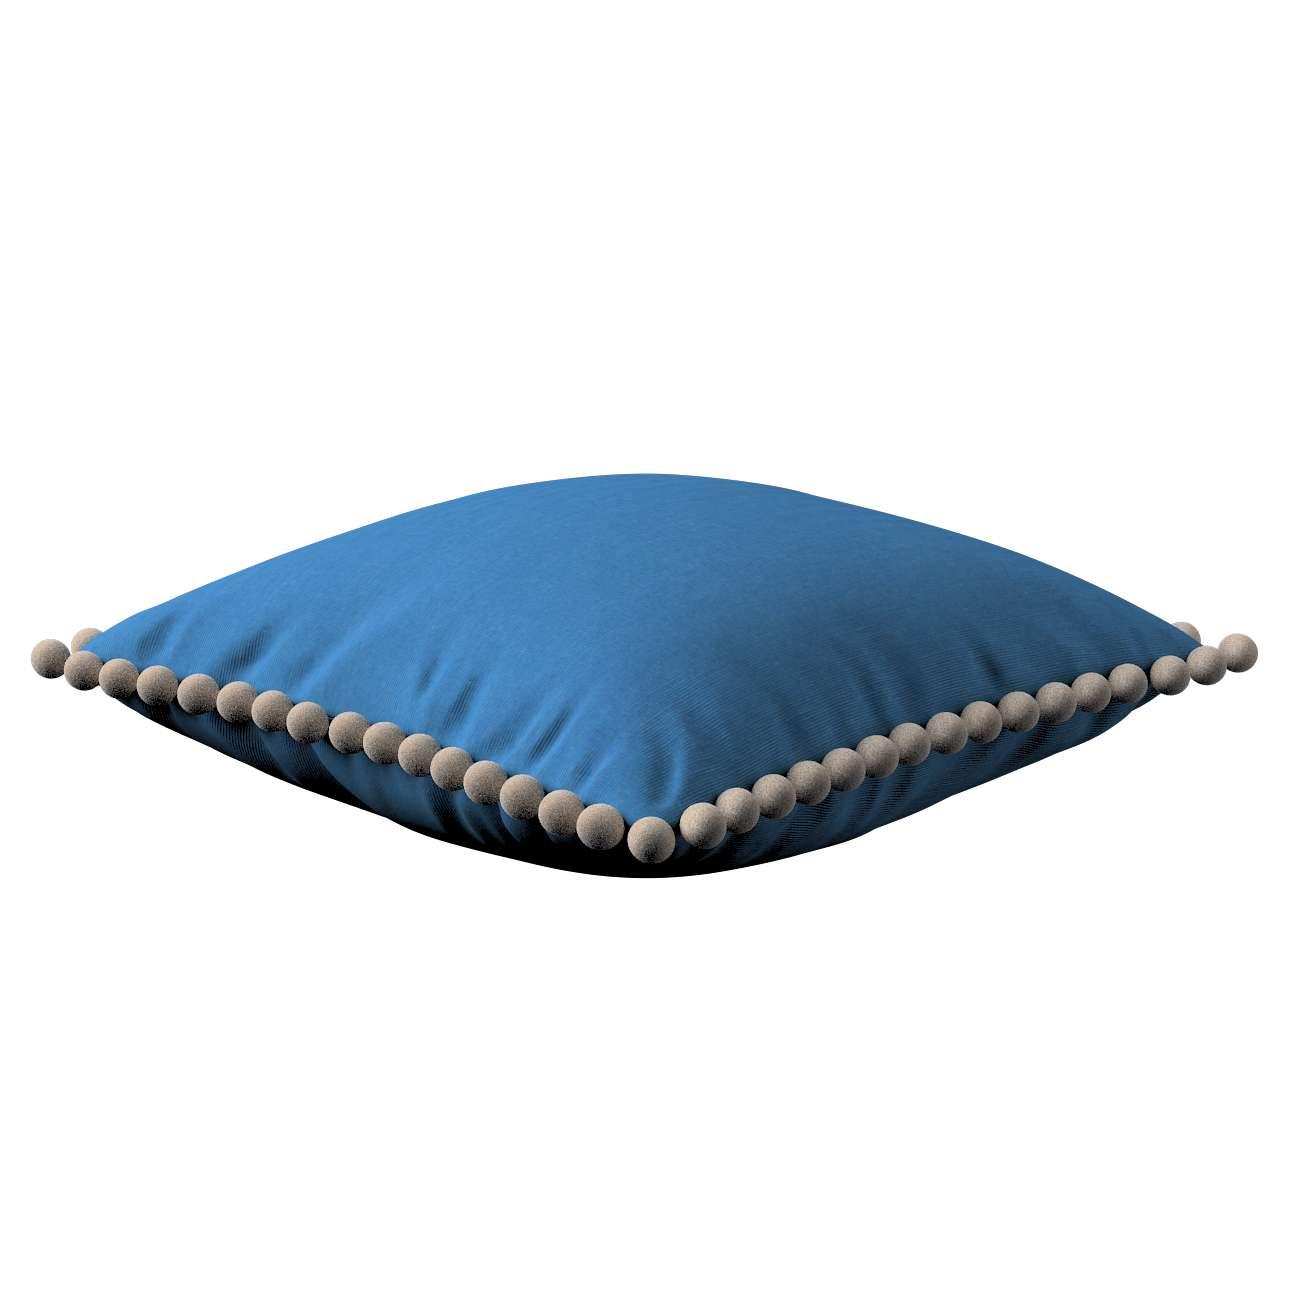 Wera dekoratyvinės pagalvėlės su žaismingais kraštais 45 x 45 cm kolekcijoje Jupiter, audinys: 127-61